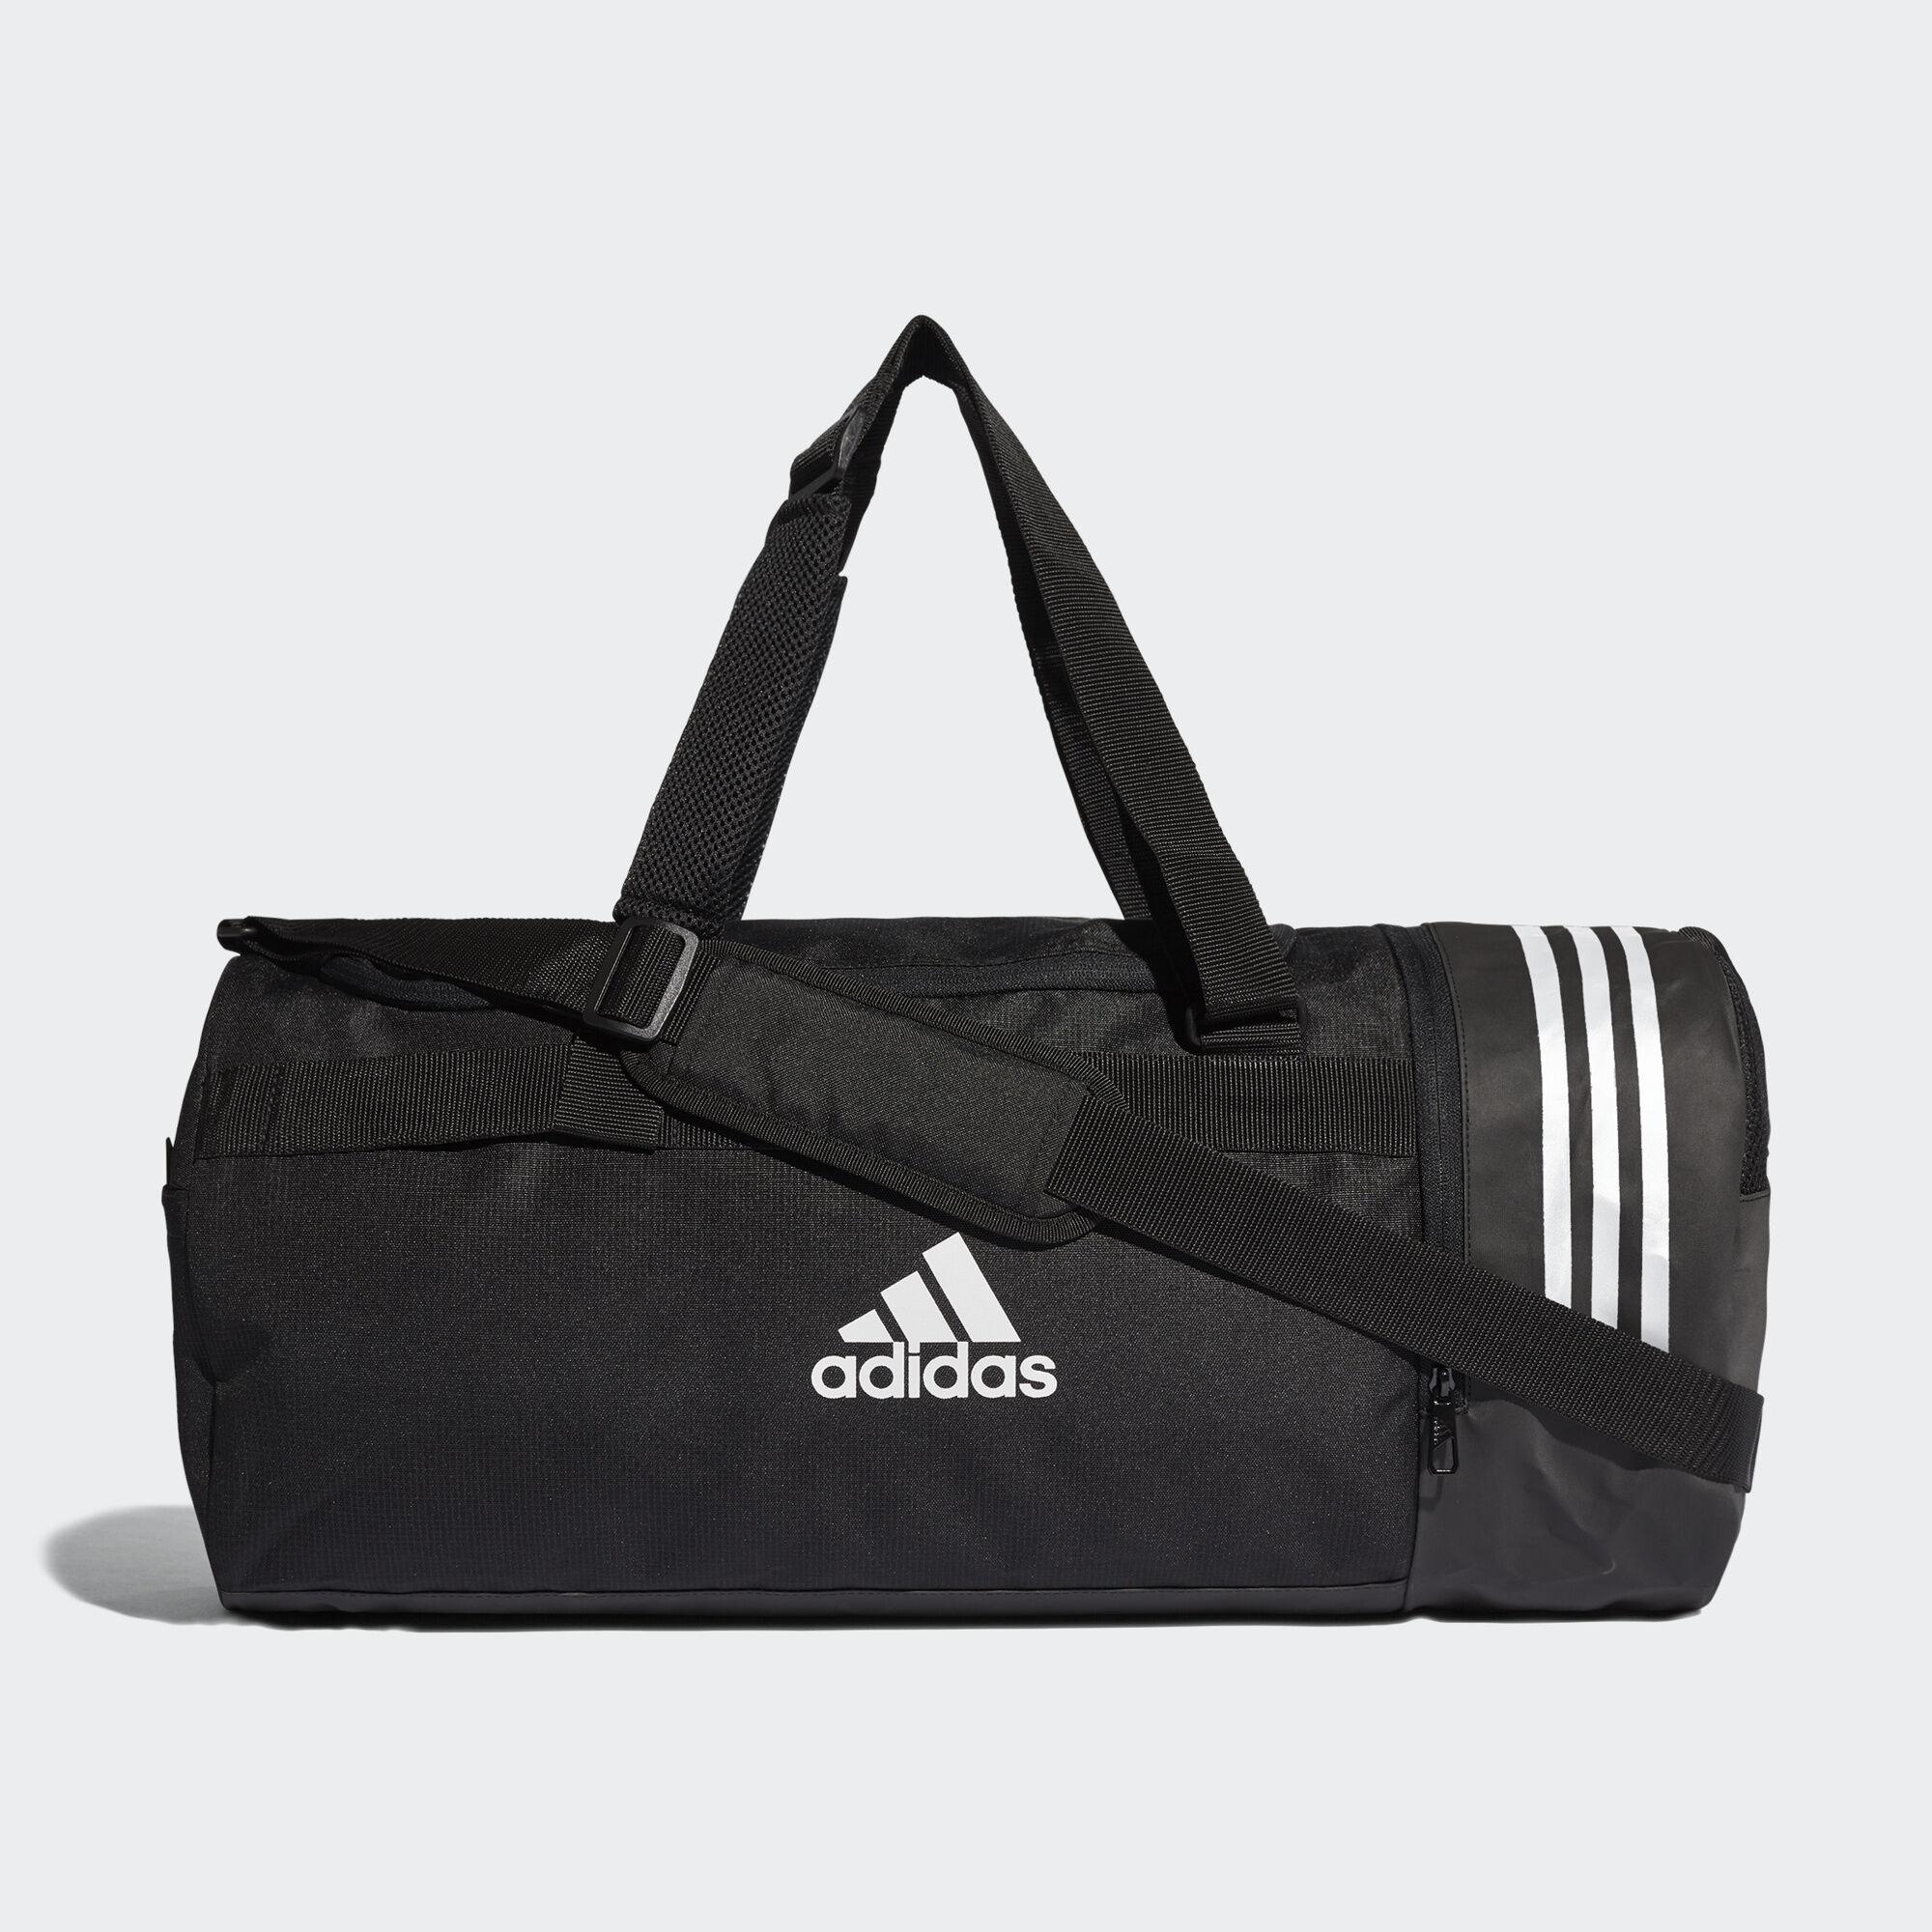 3 Black Adidas Convertible Bolsa Bandas De Deporte Mediana fBWanH